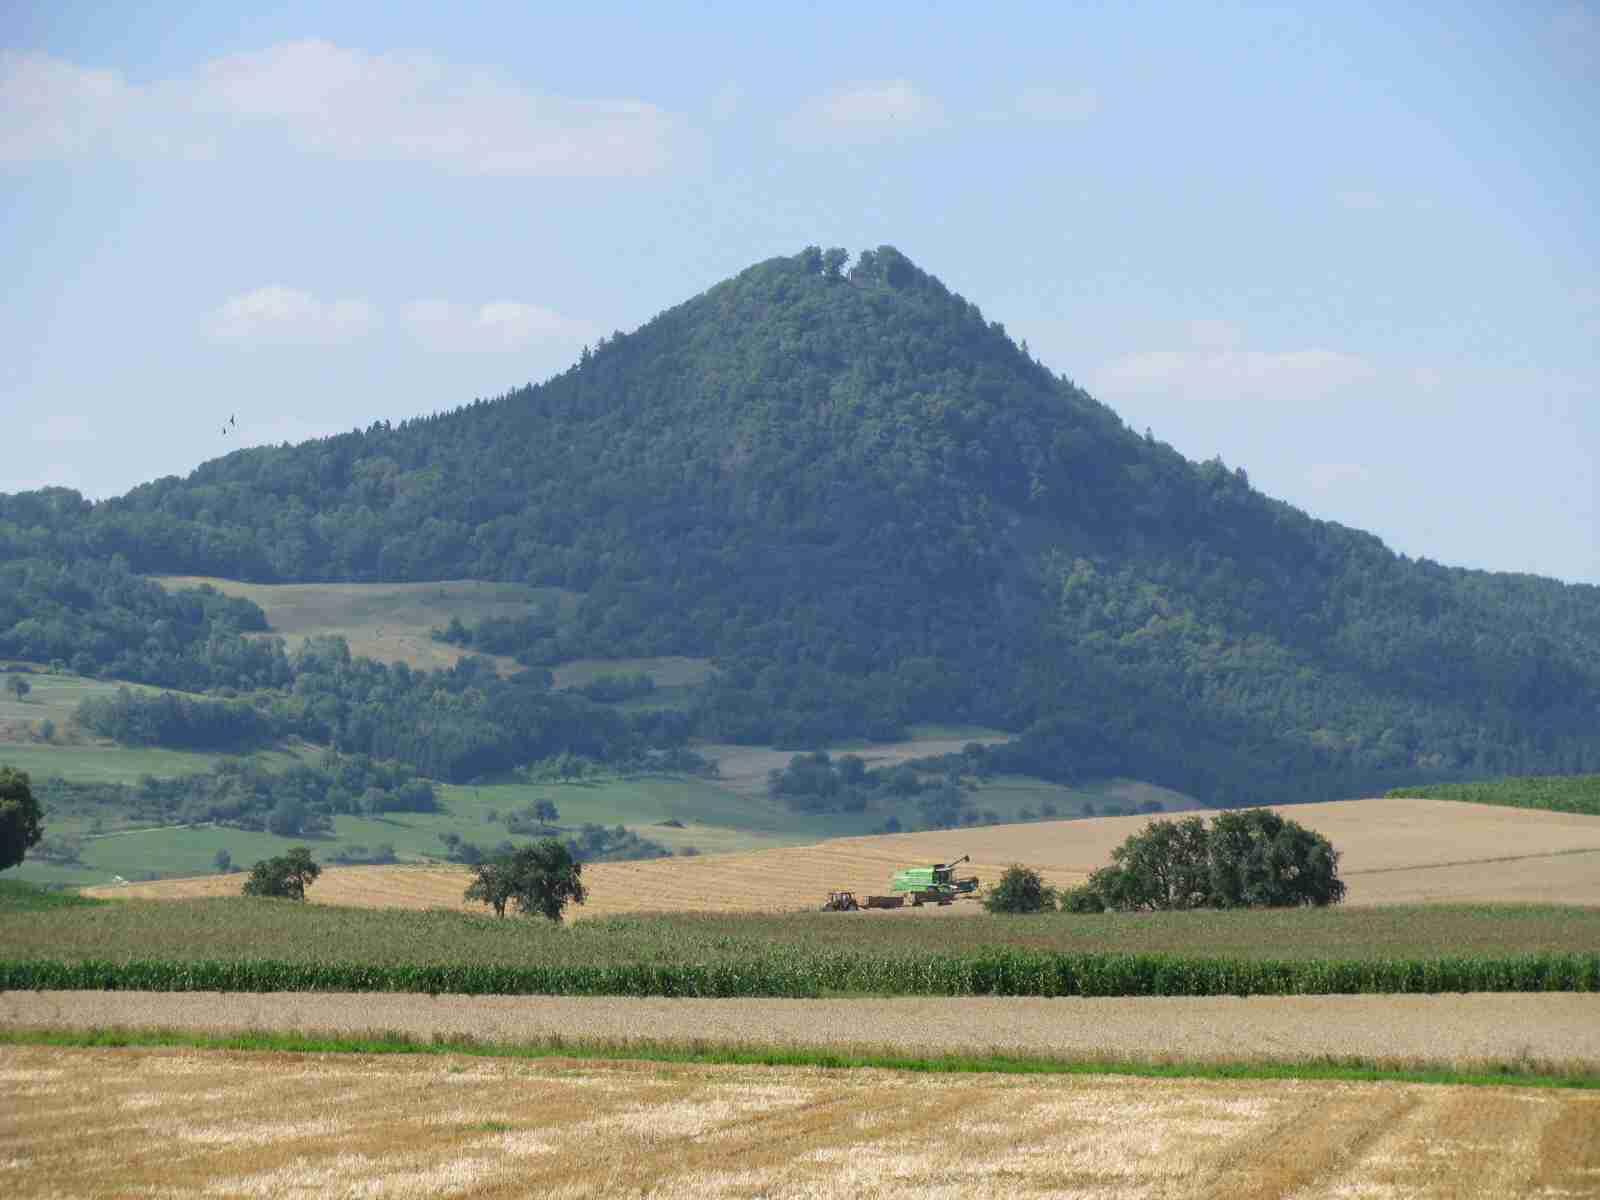 Vulkankegel Hohenhewen  844 m ü. NN